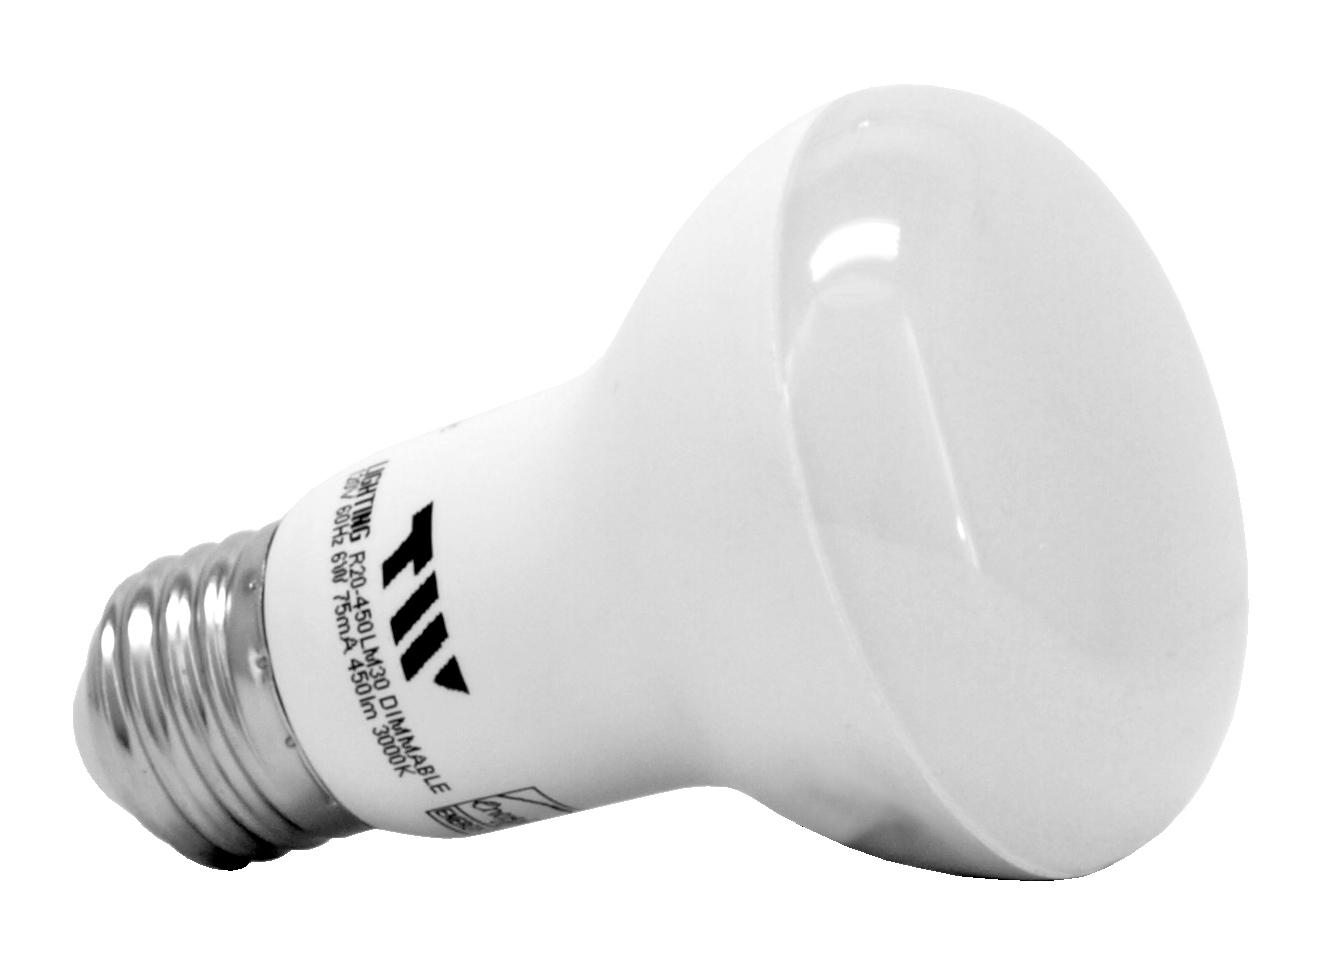 R20 LED Light Bulb - 450 Lumens - 3000k - TW Lighting